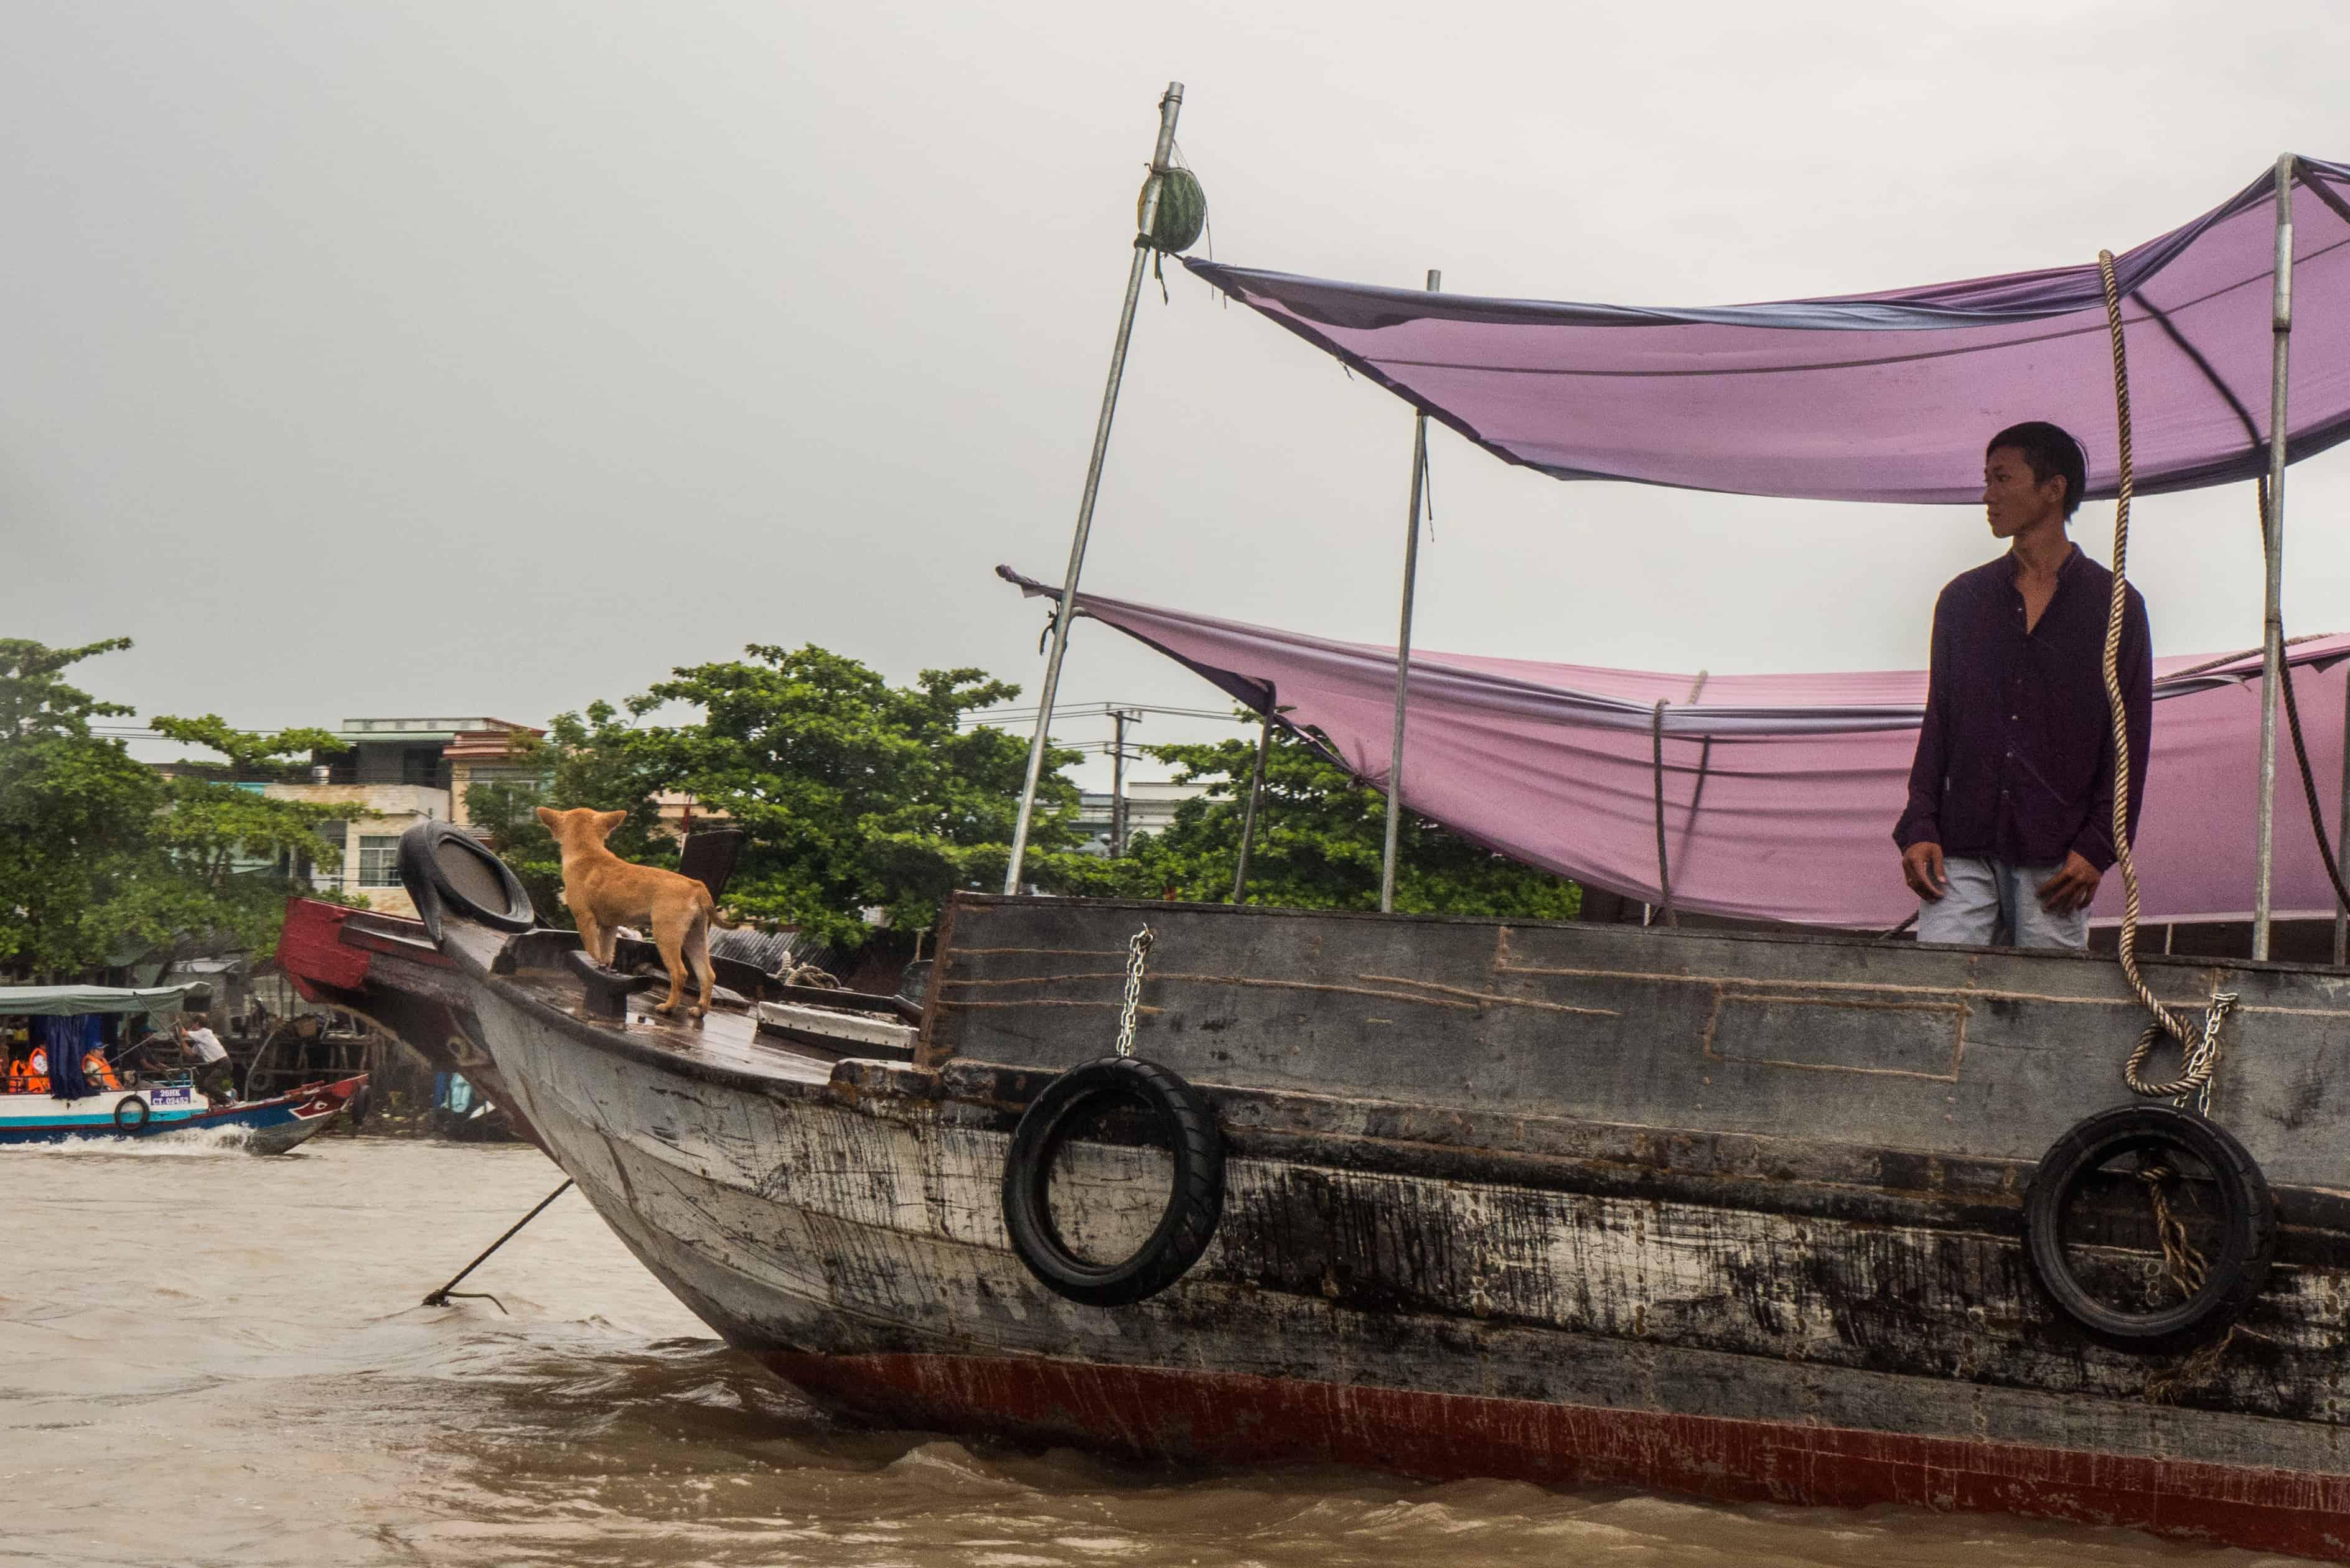 Delta Mekongu, Cai Rang